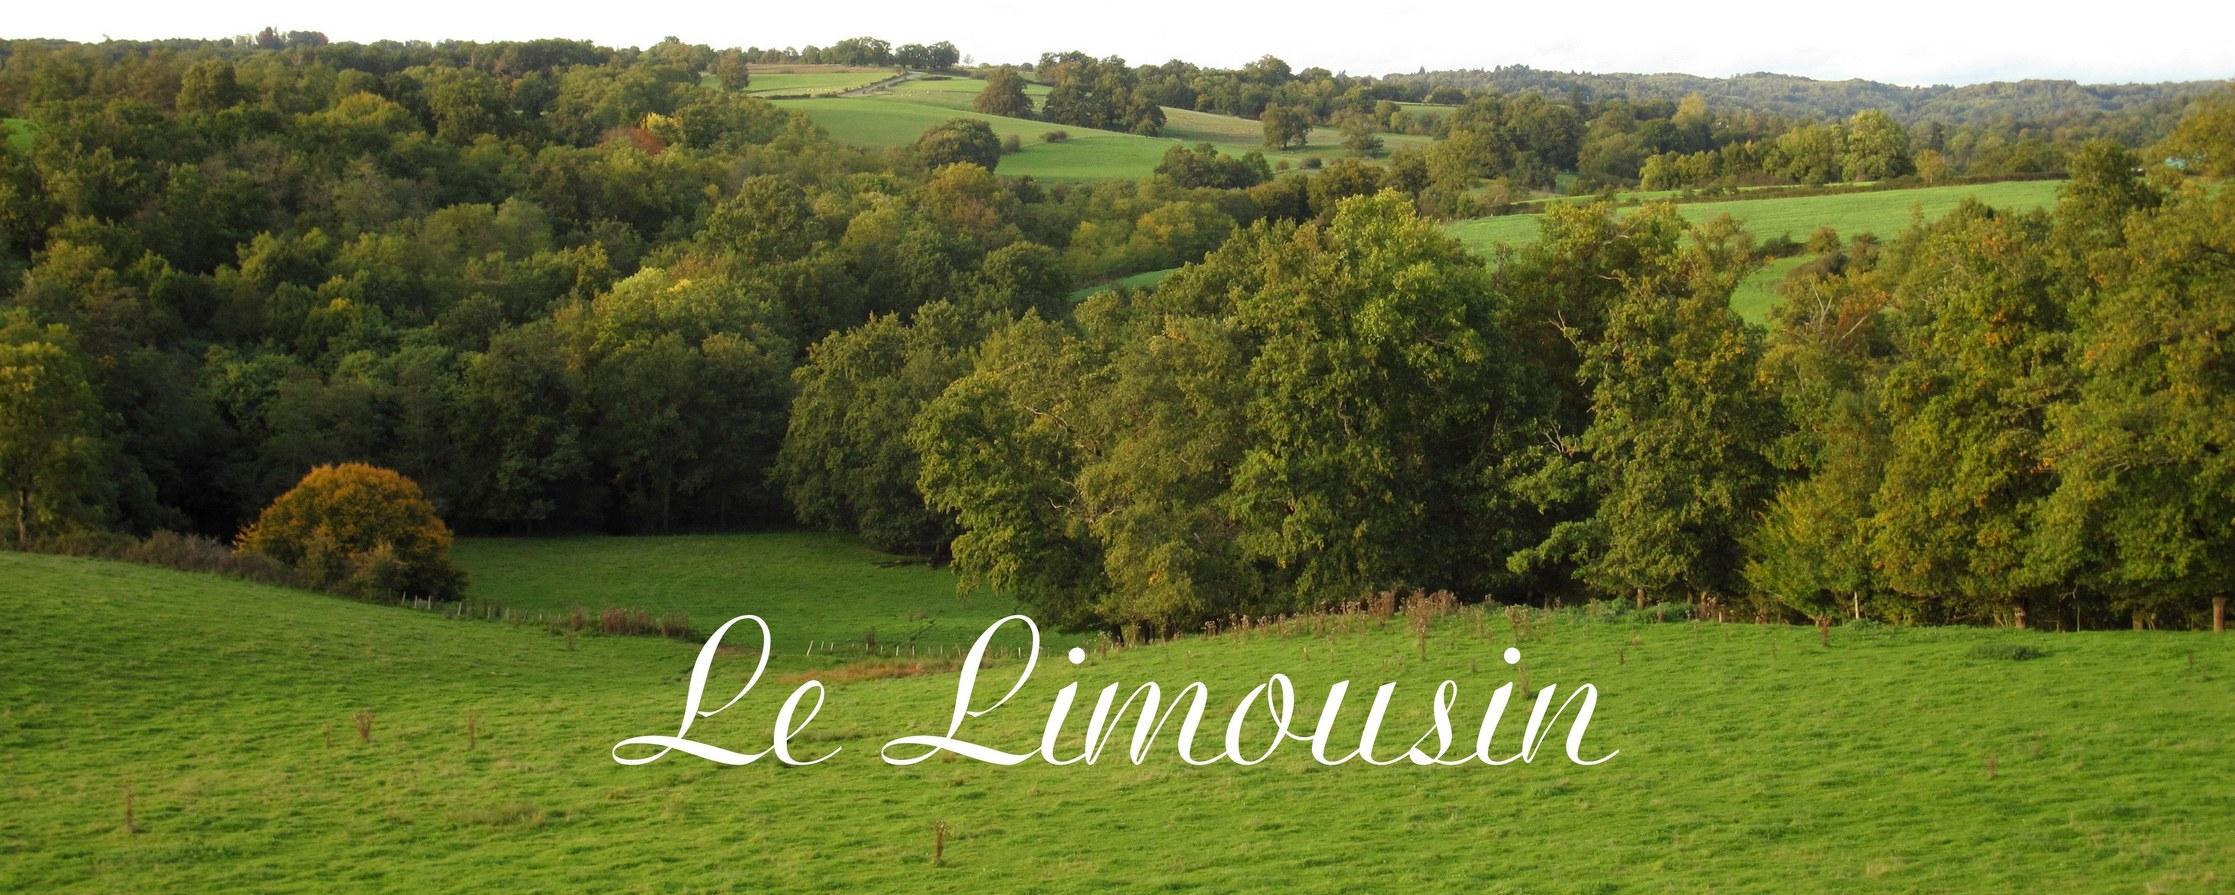 Foto van de Limousin op de site Renske Cramer Creatief